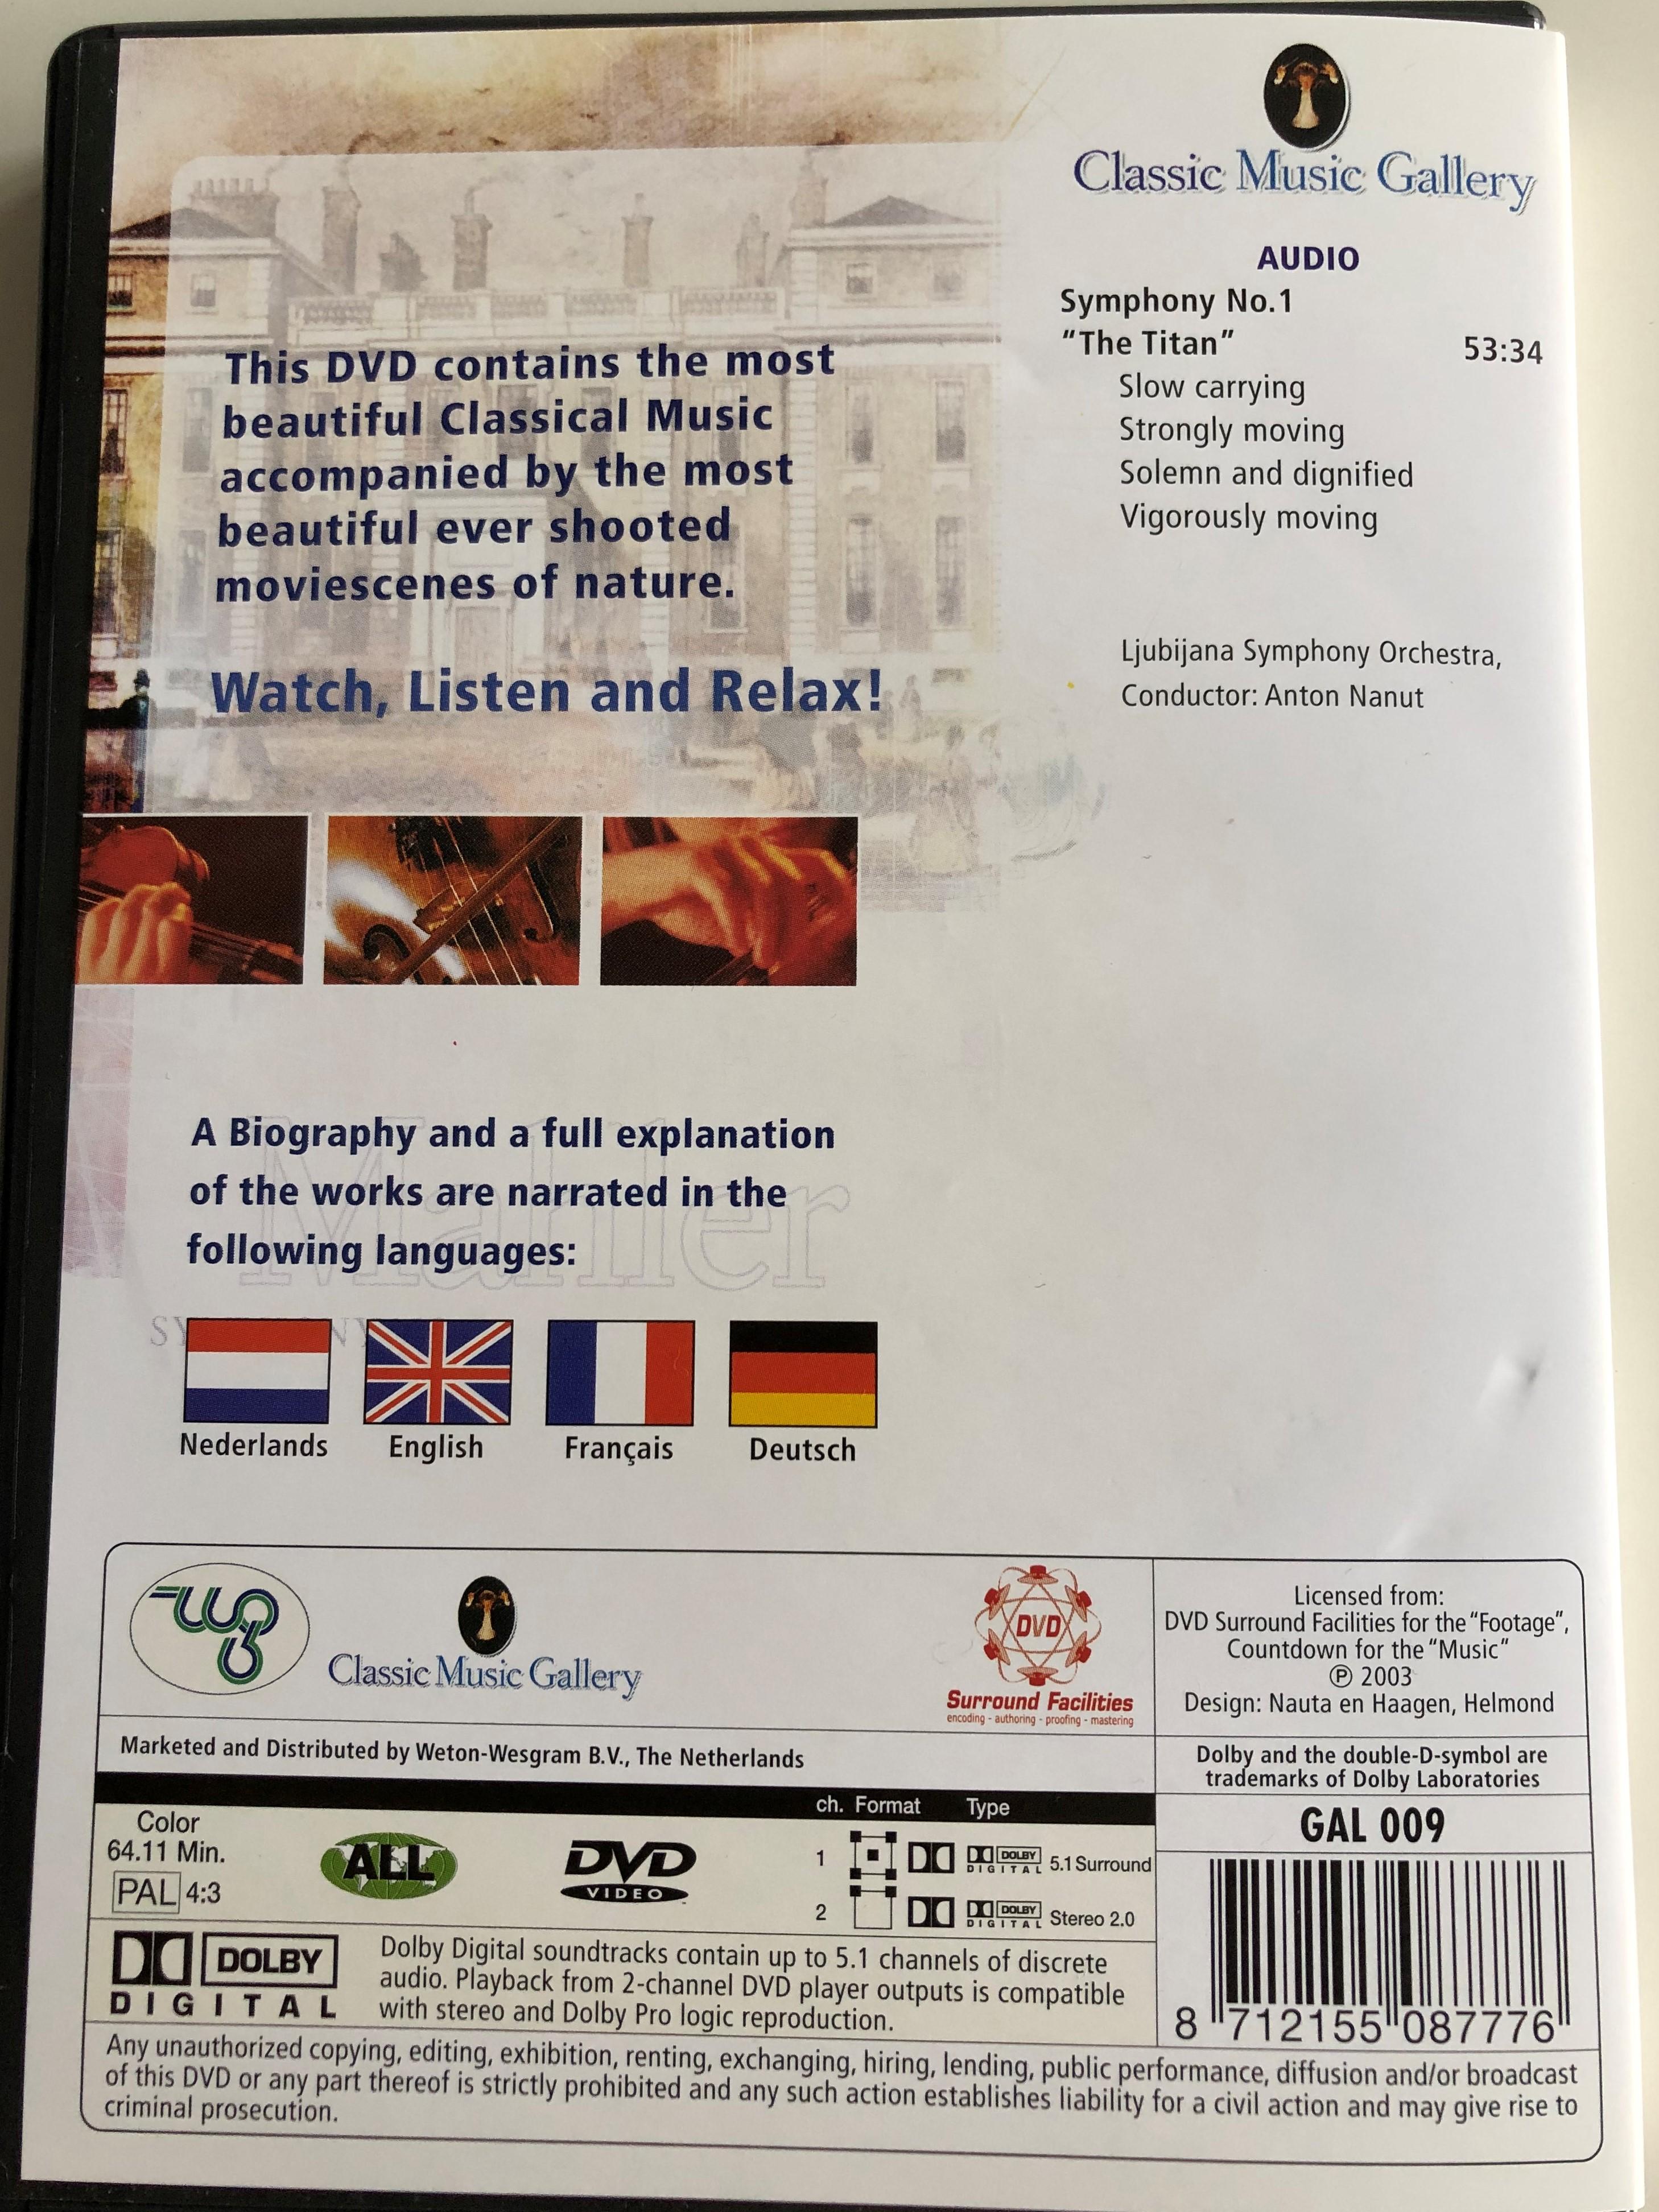 mahler-symphony-no.-1-dvd-classic-music-gallery-ljubljana-symphony-orchestra-3.jpg